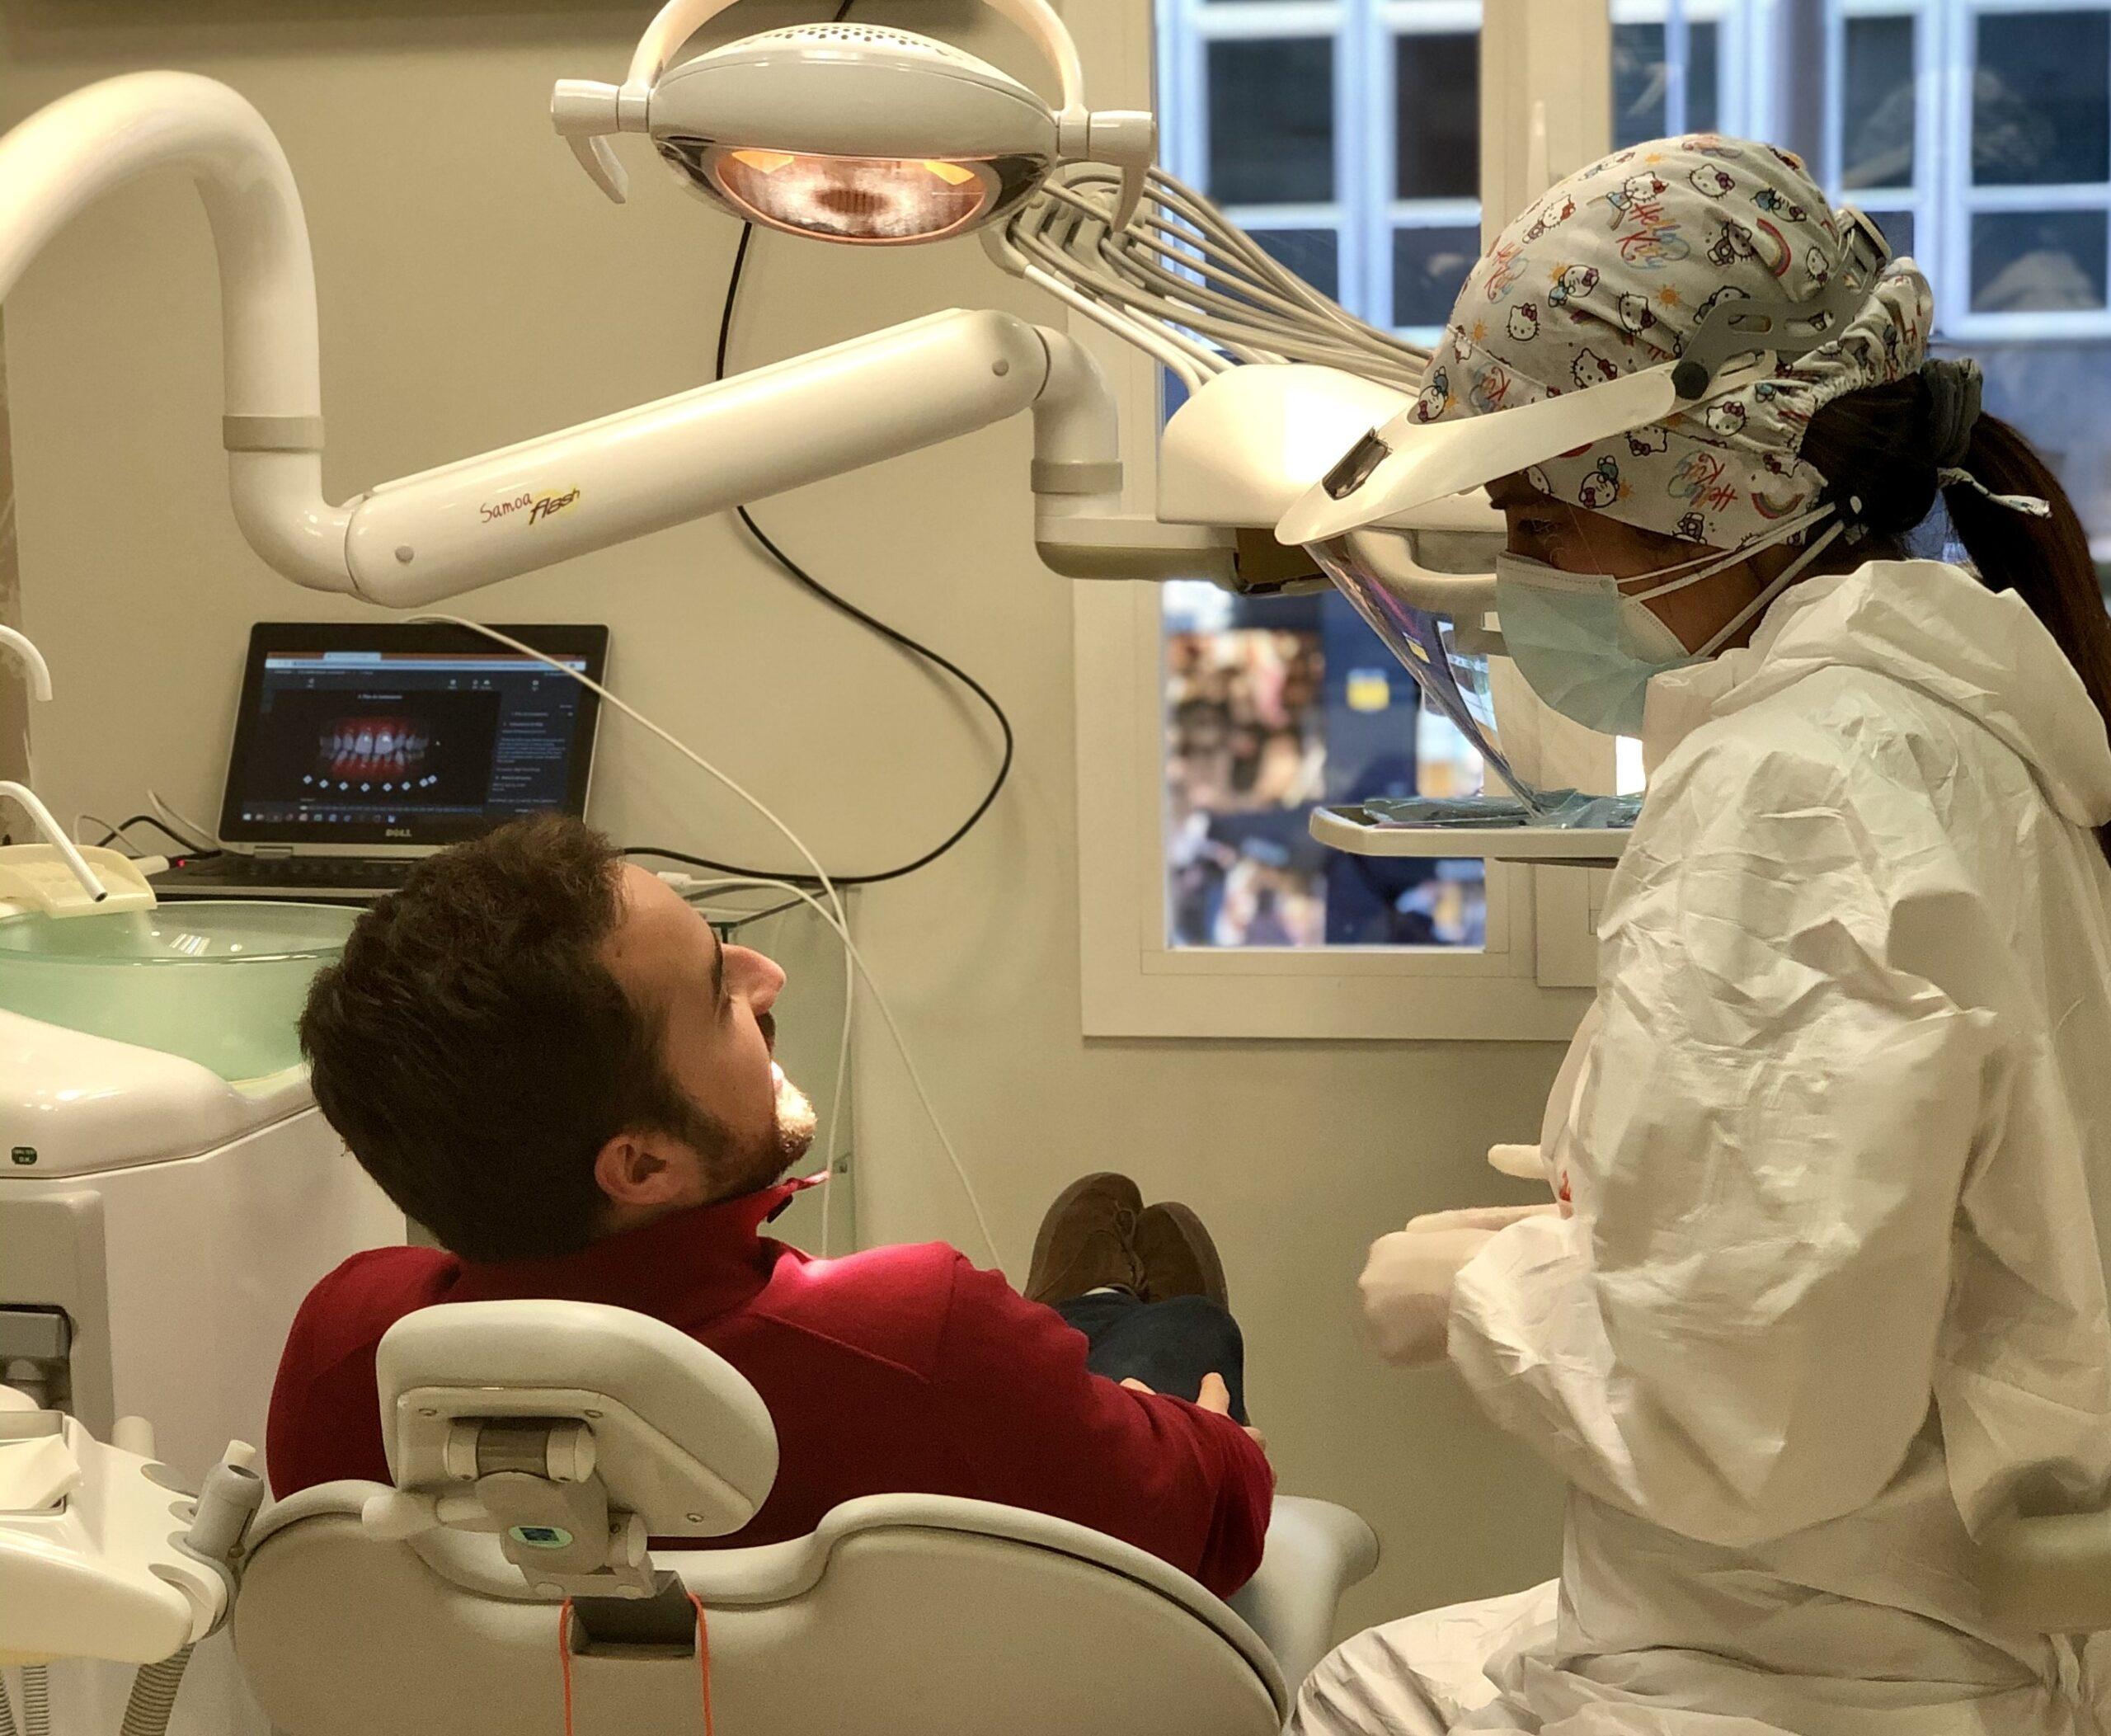 ¿Por qué la Odontología Biomimética?